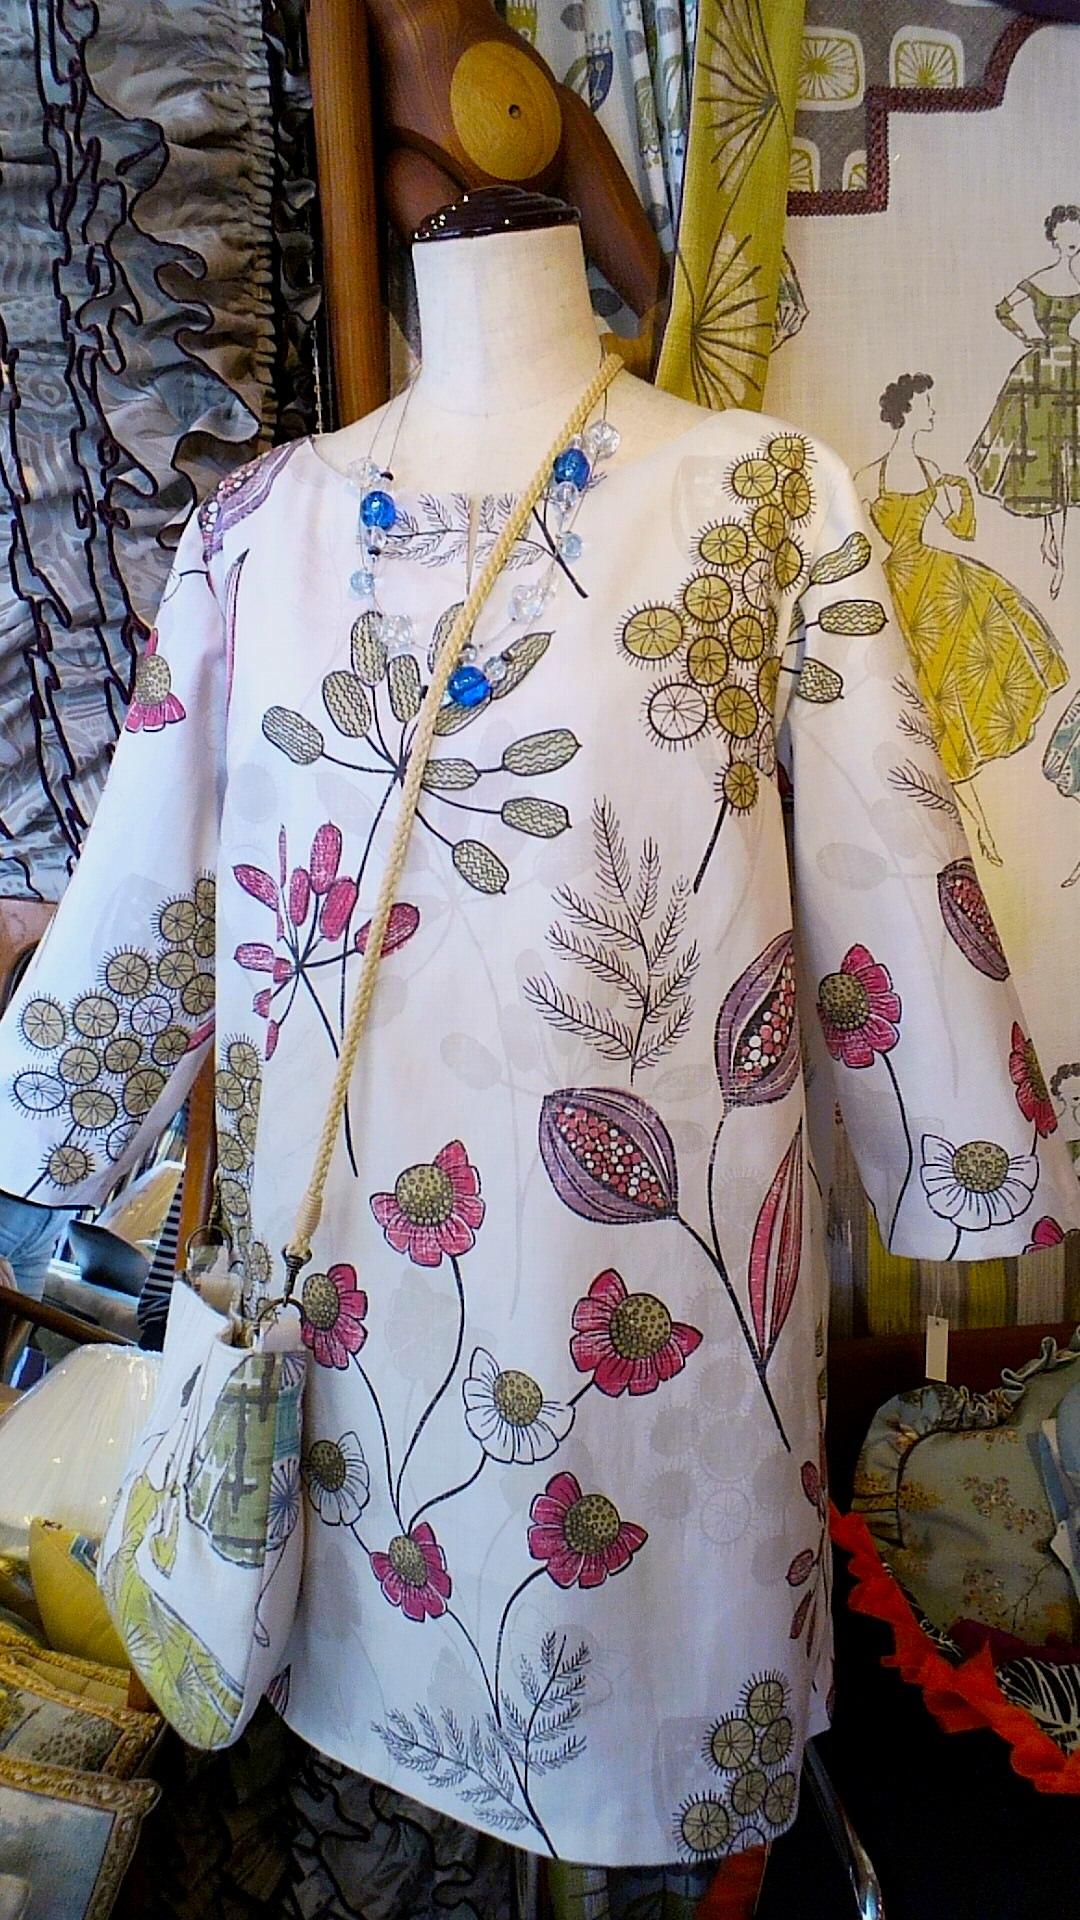 カーテン生地『ヴィラノヴァ』で作る洋服_c0157866_21225516.jpg